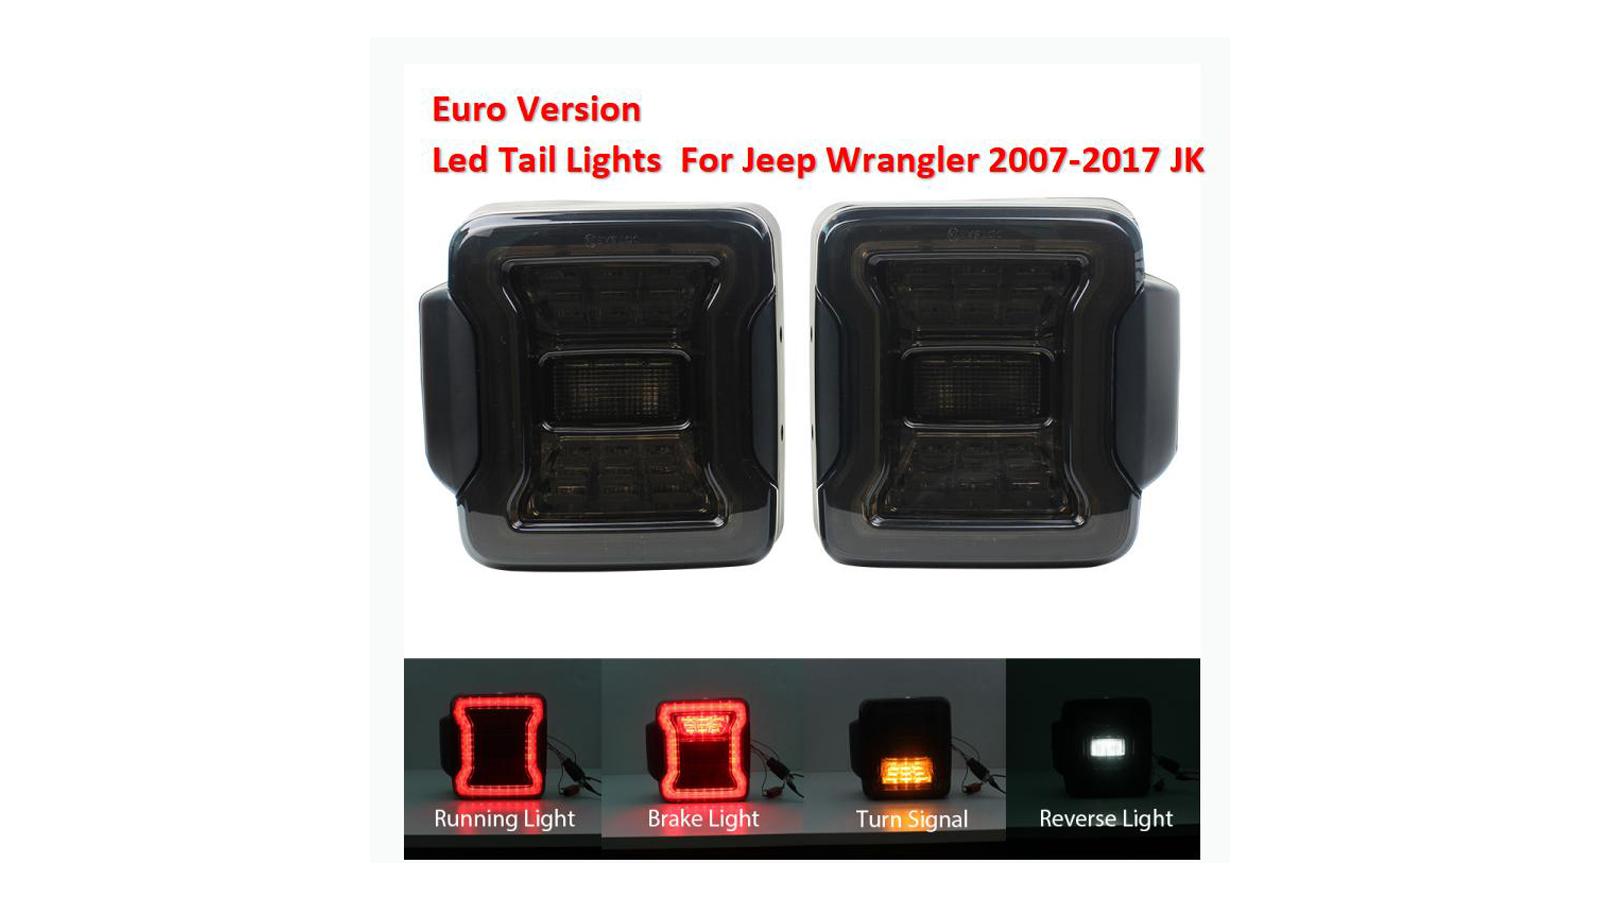 كيت نسخة اليورو ل JEEP WRANGLER JK 2007-17 LED أضواء الذيل عكس الفرامل بدوره إشارة